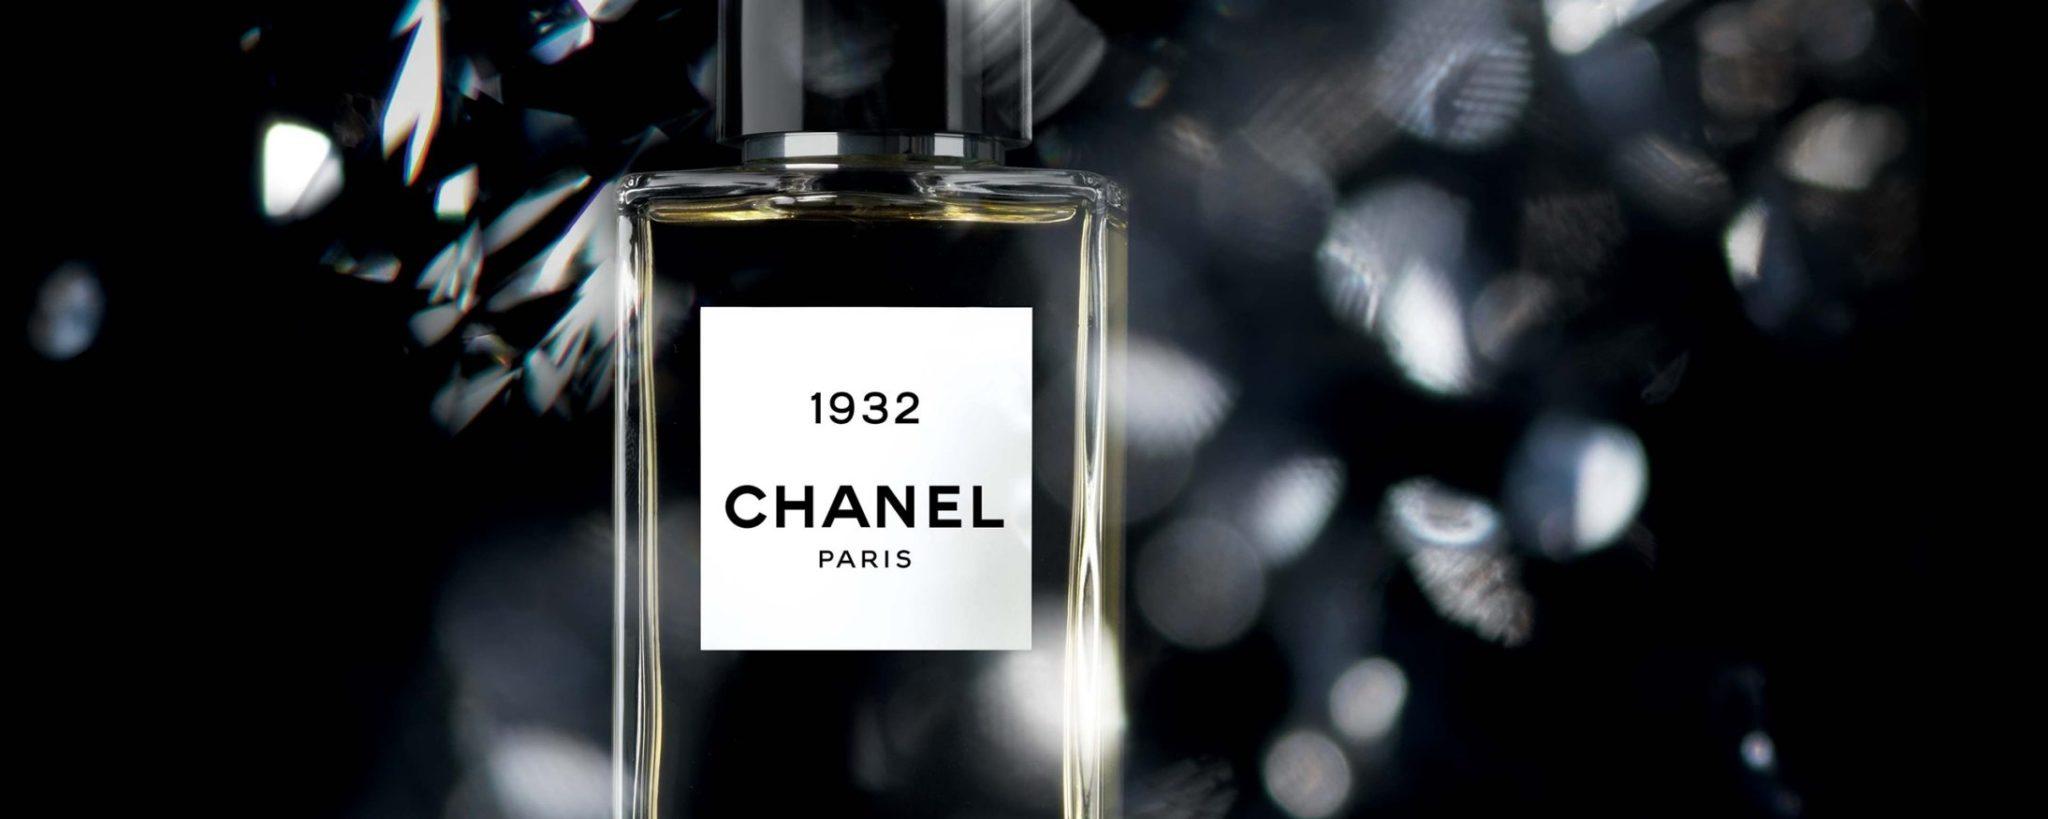 Chanel Les Exclusifs 1932 eau de parfum Esprit de Gabrielle jeronimodiparigi-dev-esprit-de-gabrielle.pf1.wpserveur.net